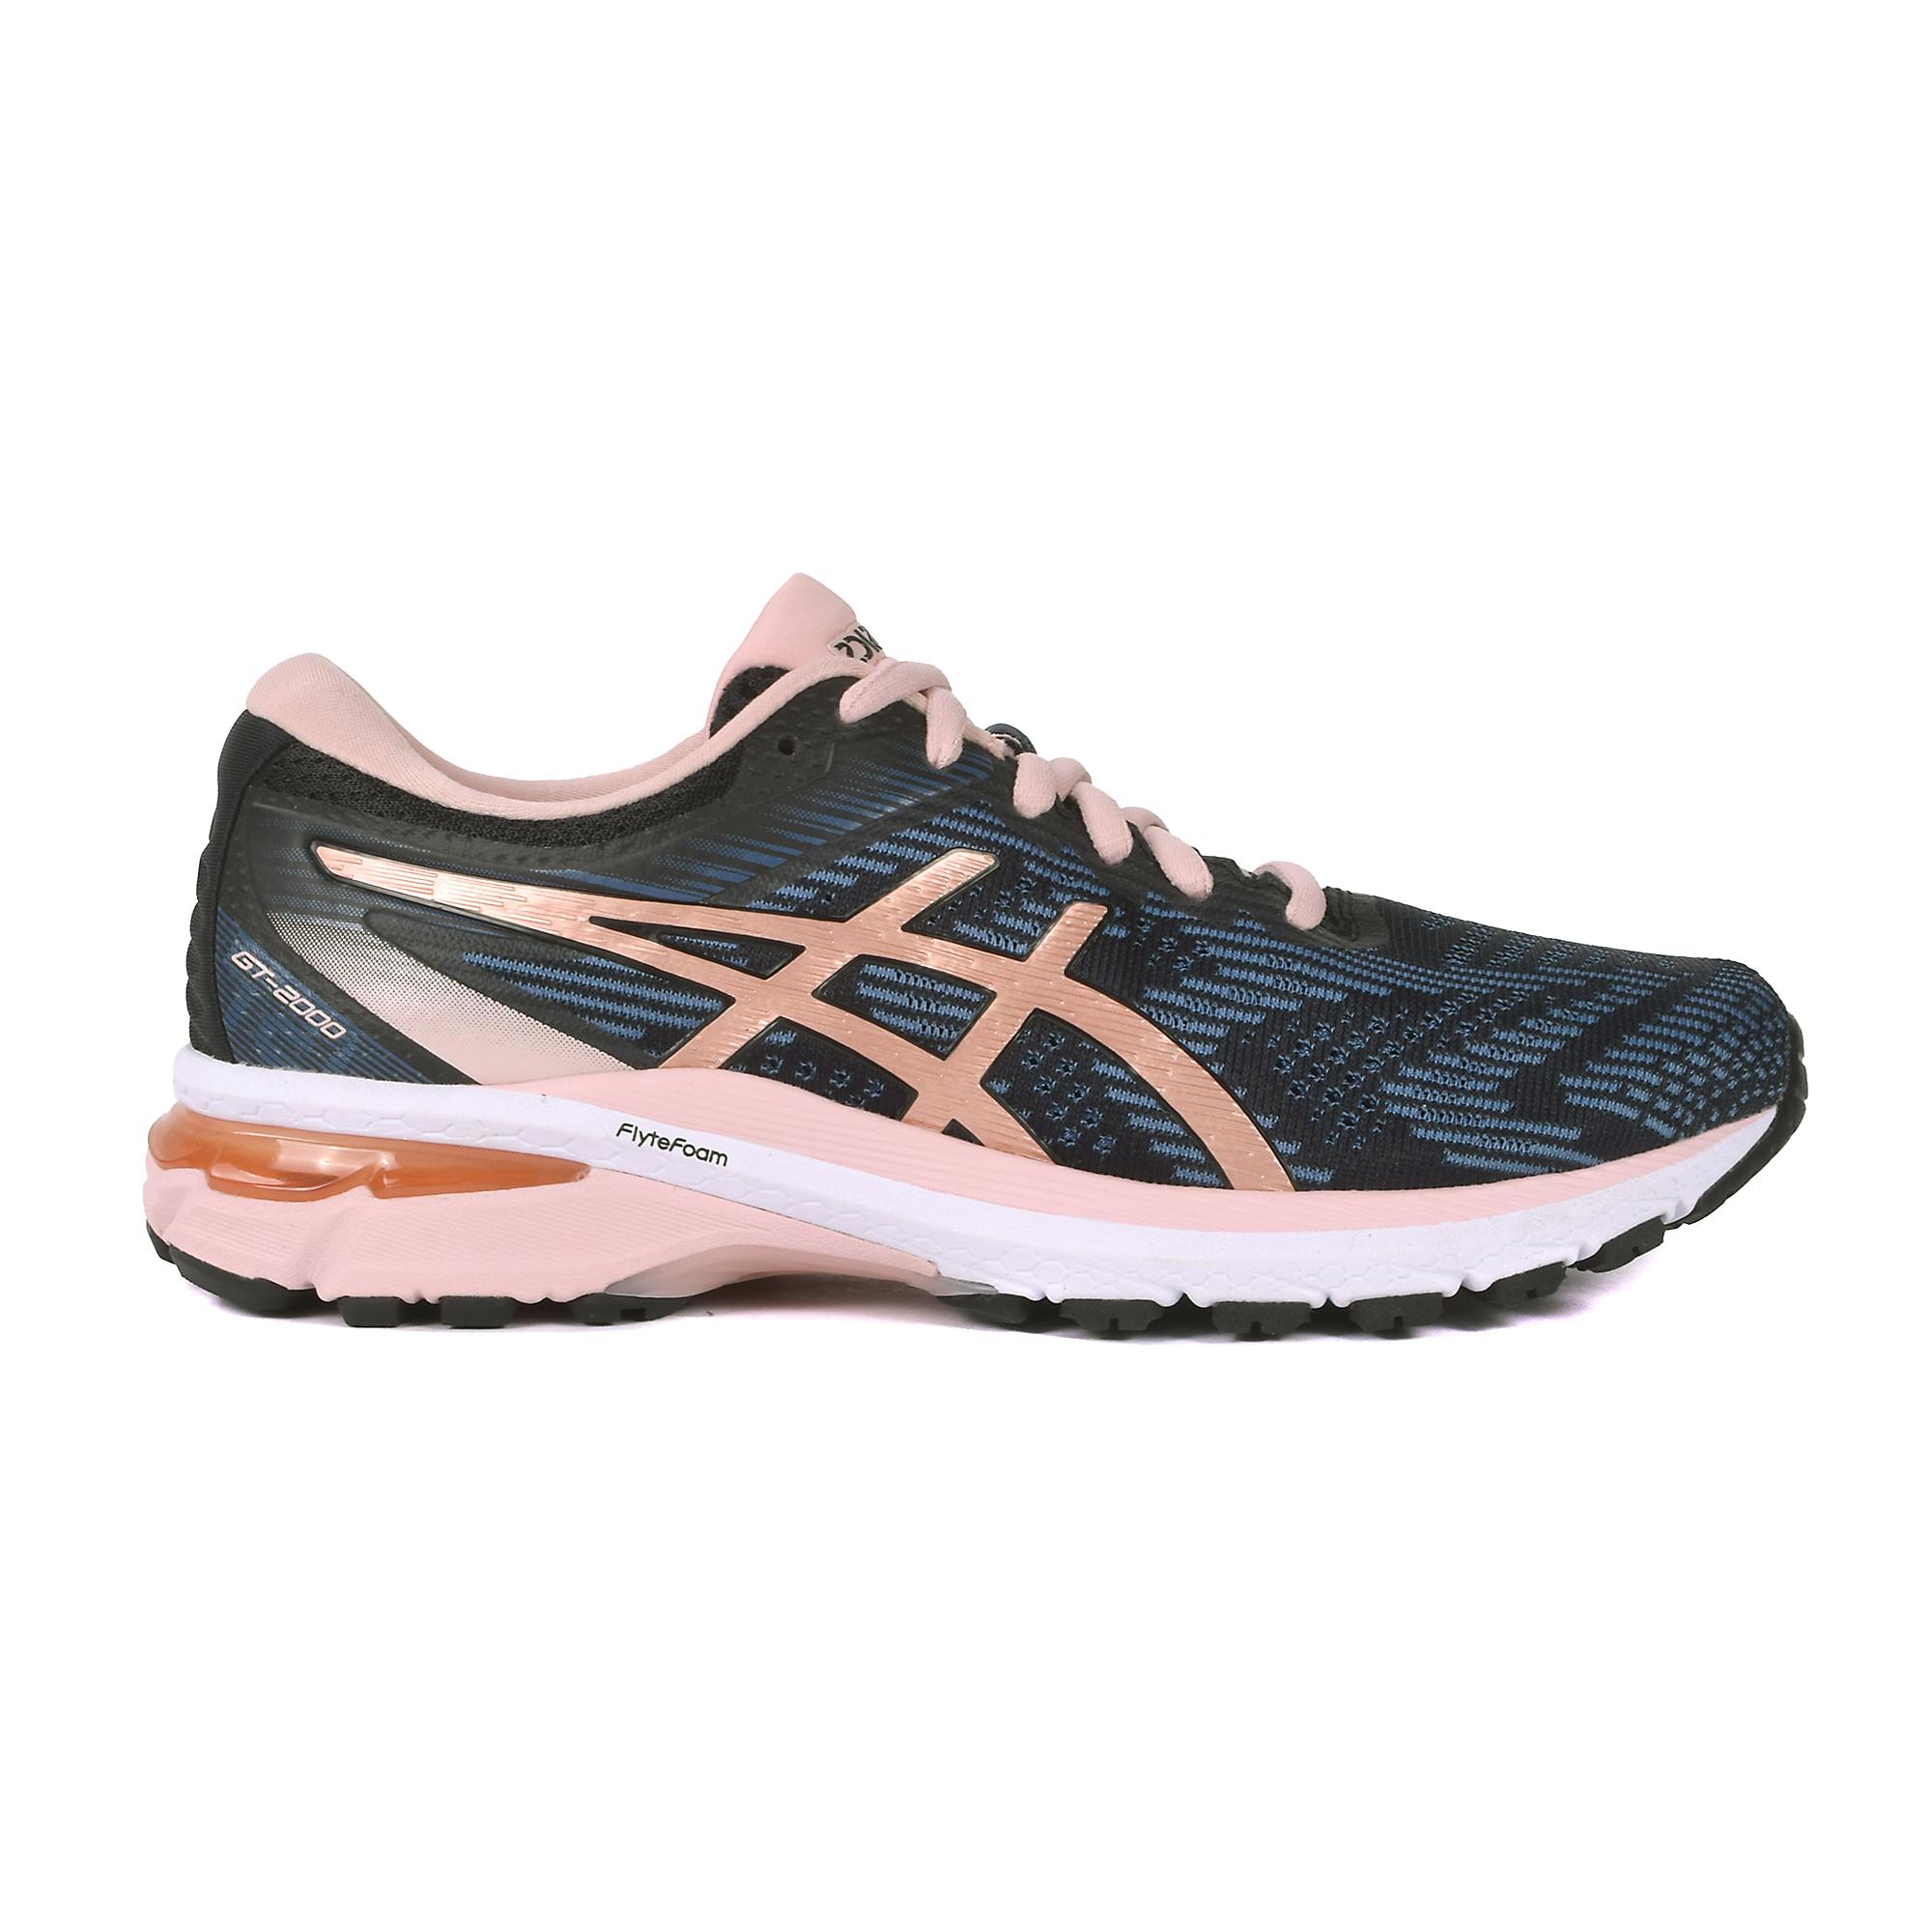 Women's Asics Gt-2000 8 Running Shoe - Color: Black/Blue/Rose Gold (Regular Width) - Size: 5, Black/Blue/Rose Gold, large, image 1